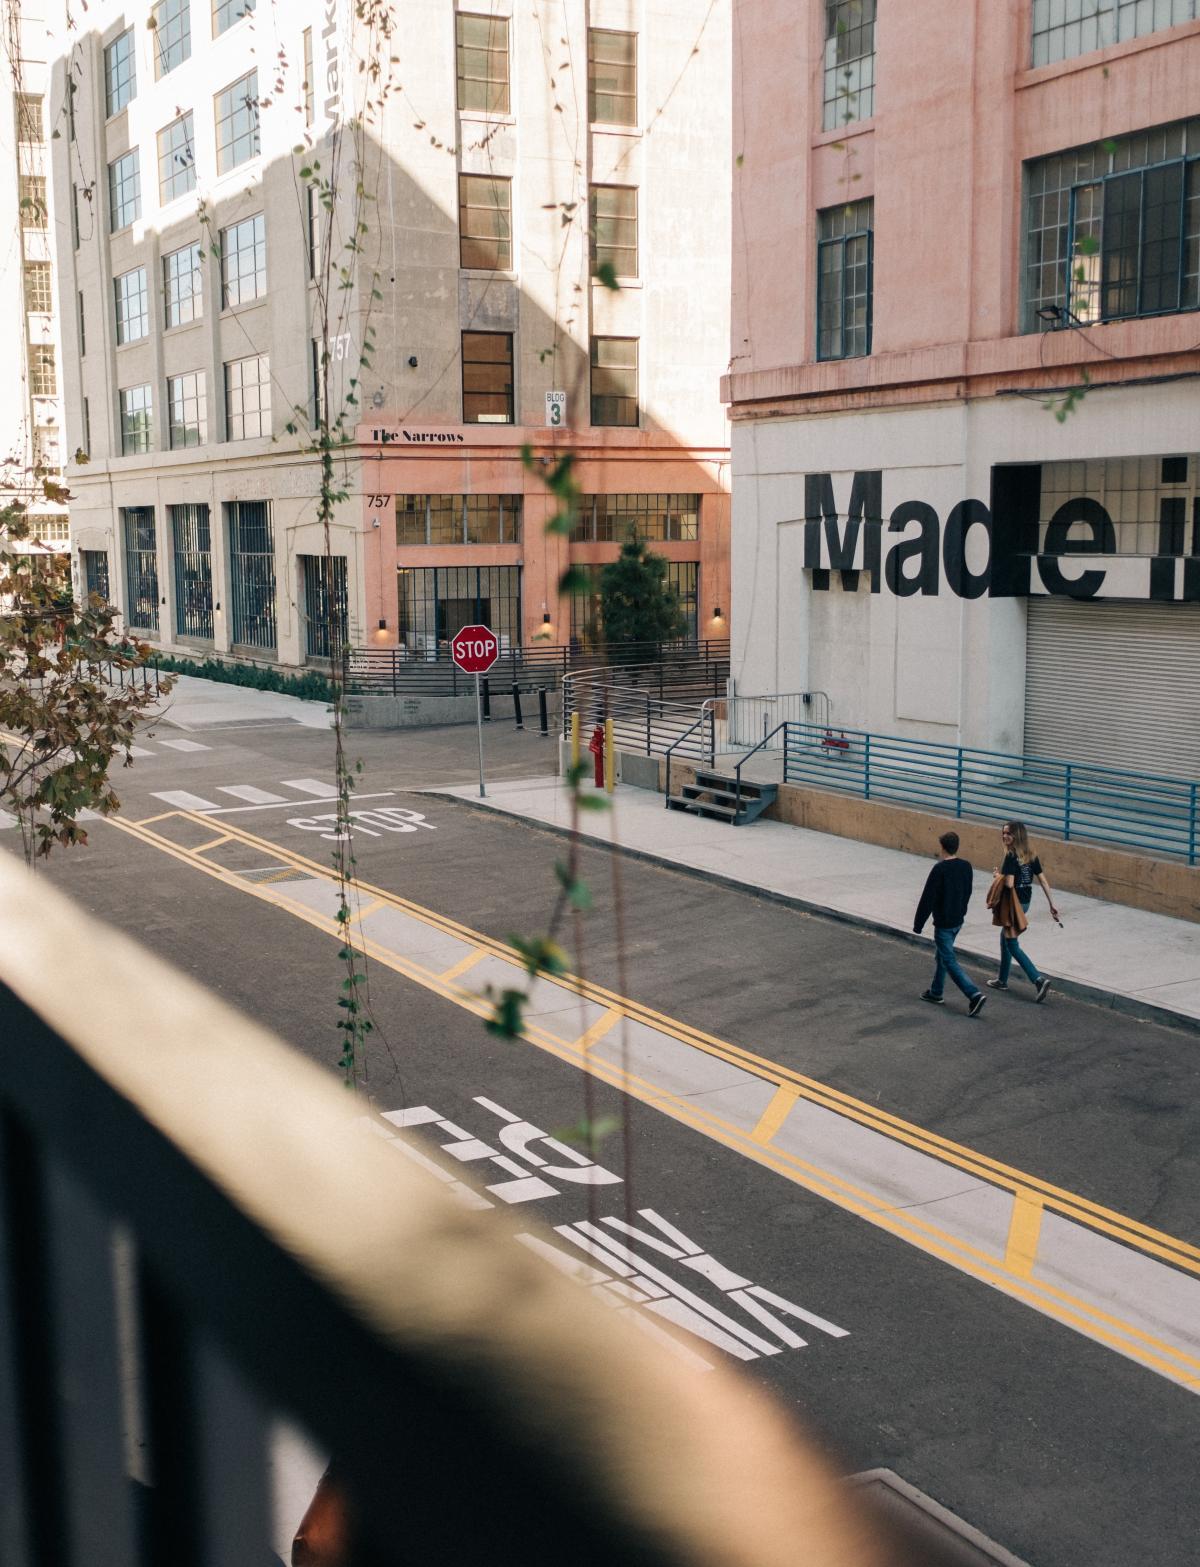 City Architecture Sidewalk #426079